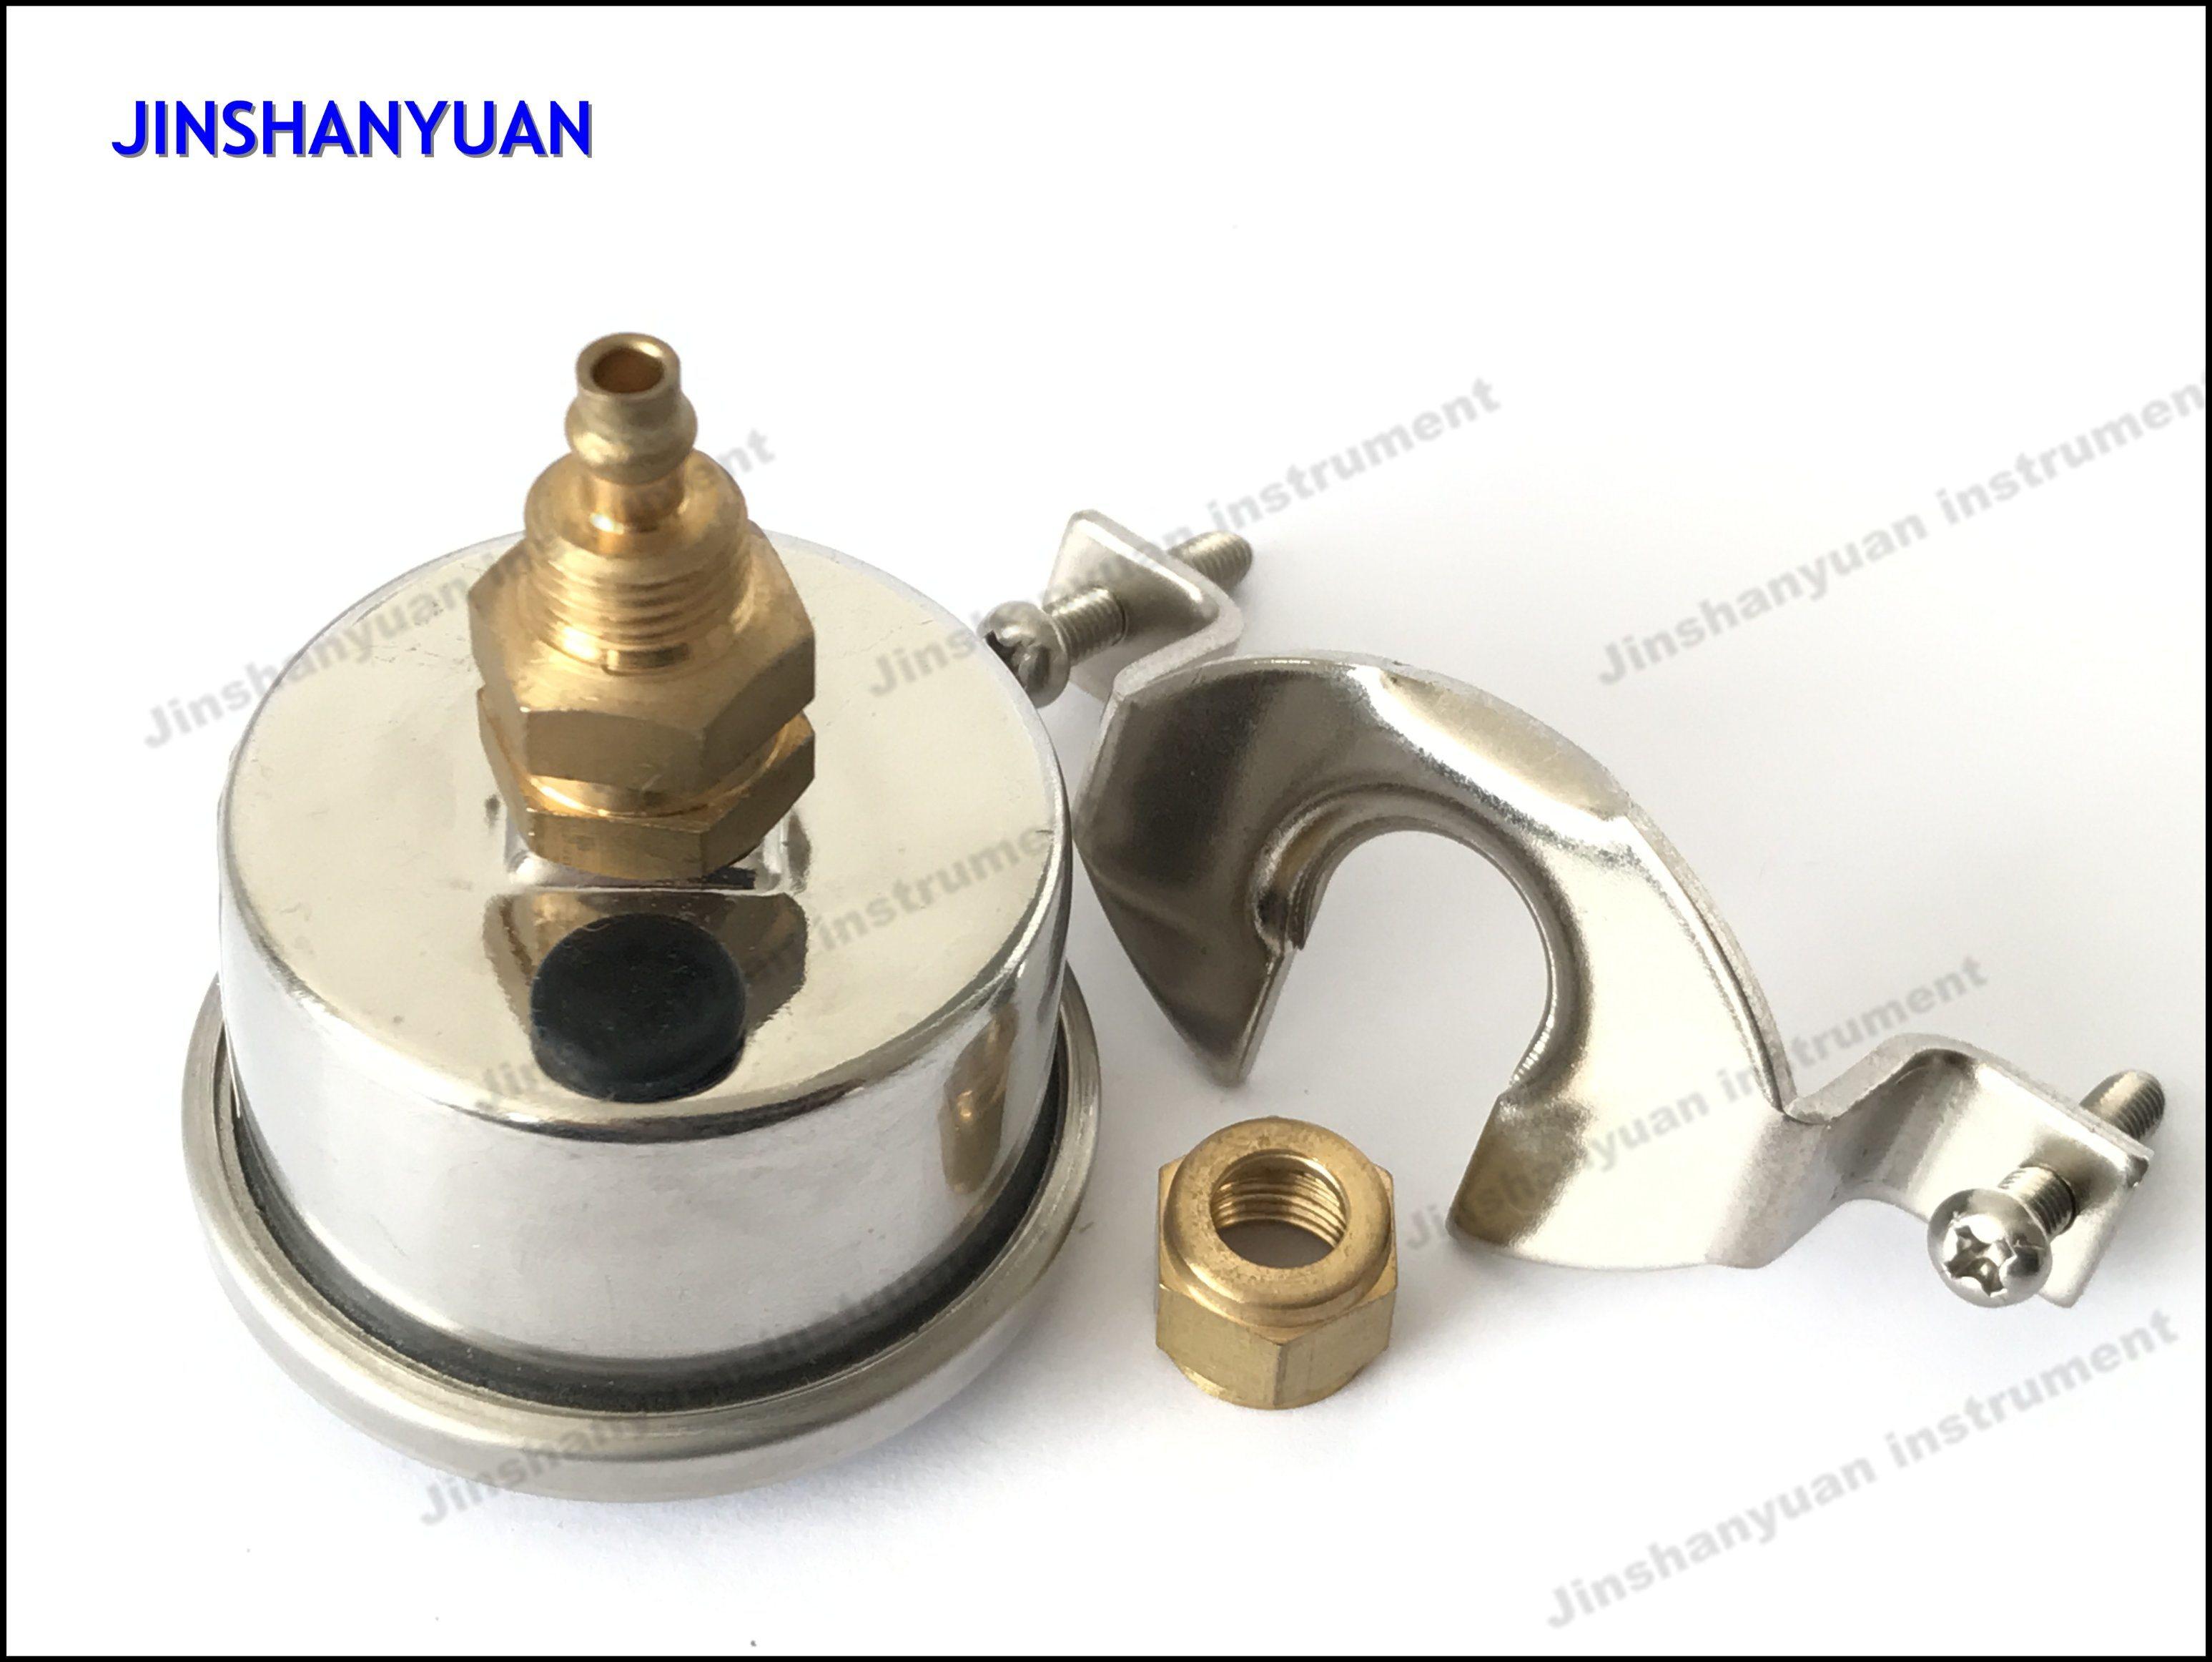 Og-003 Liquid Filled Manometer with Clamp/Pressure Gauge